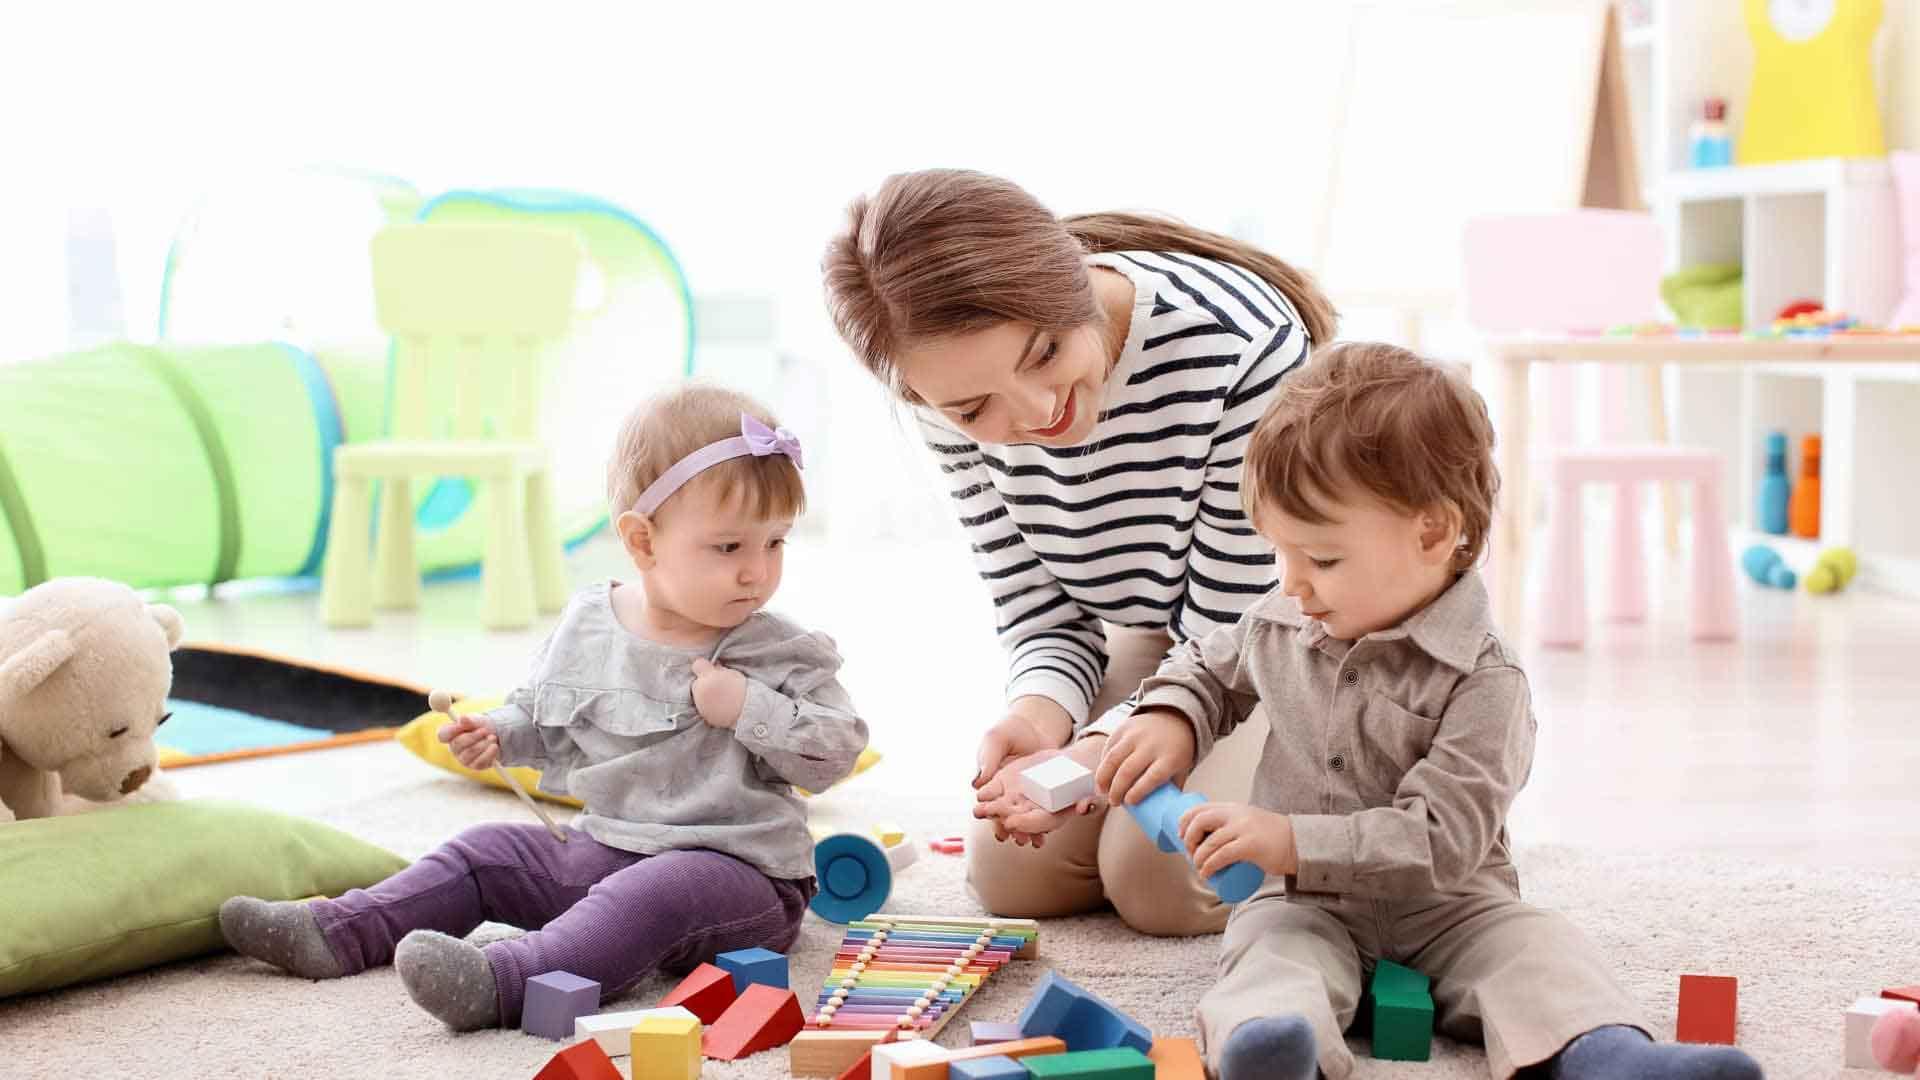 پرستار بچه در منزل | خدمات پرستاری پارسیان مهرپرور